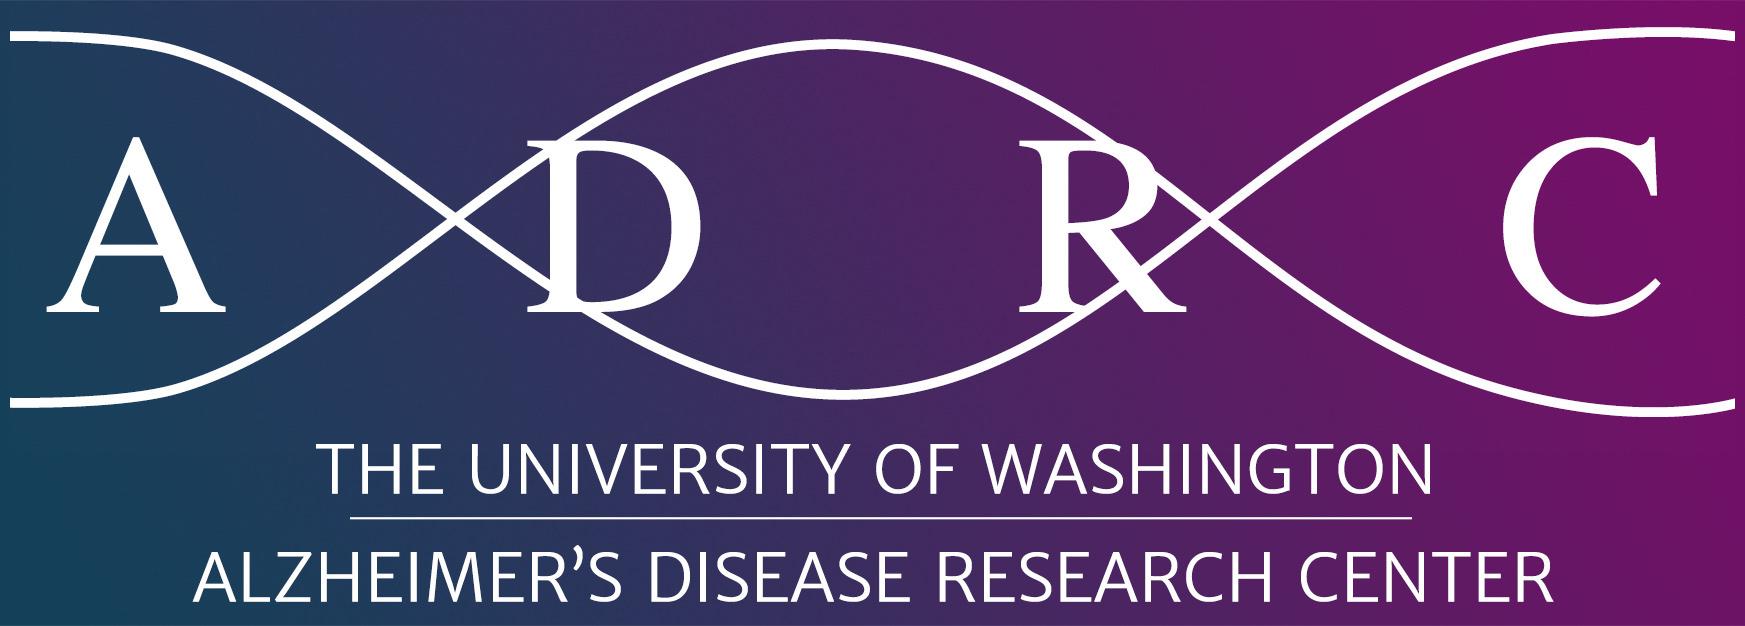 University of Washington ADRC